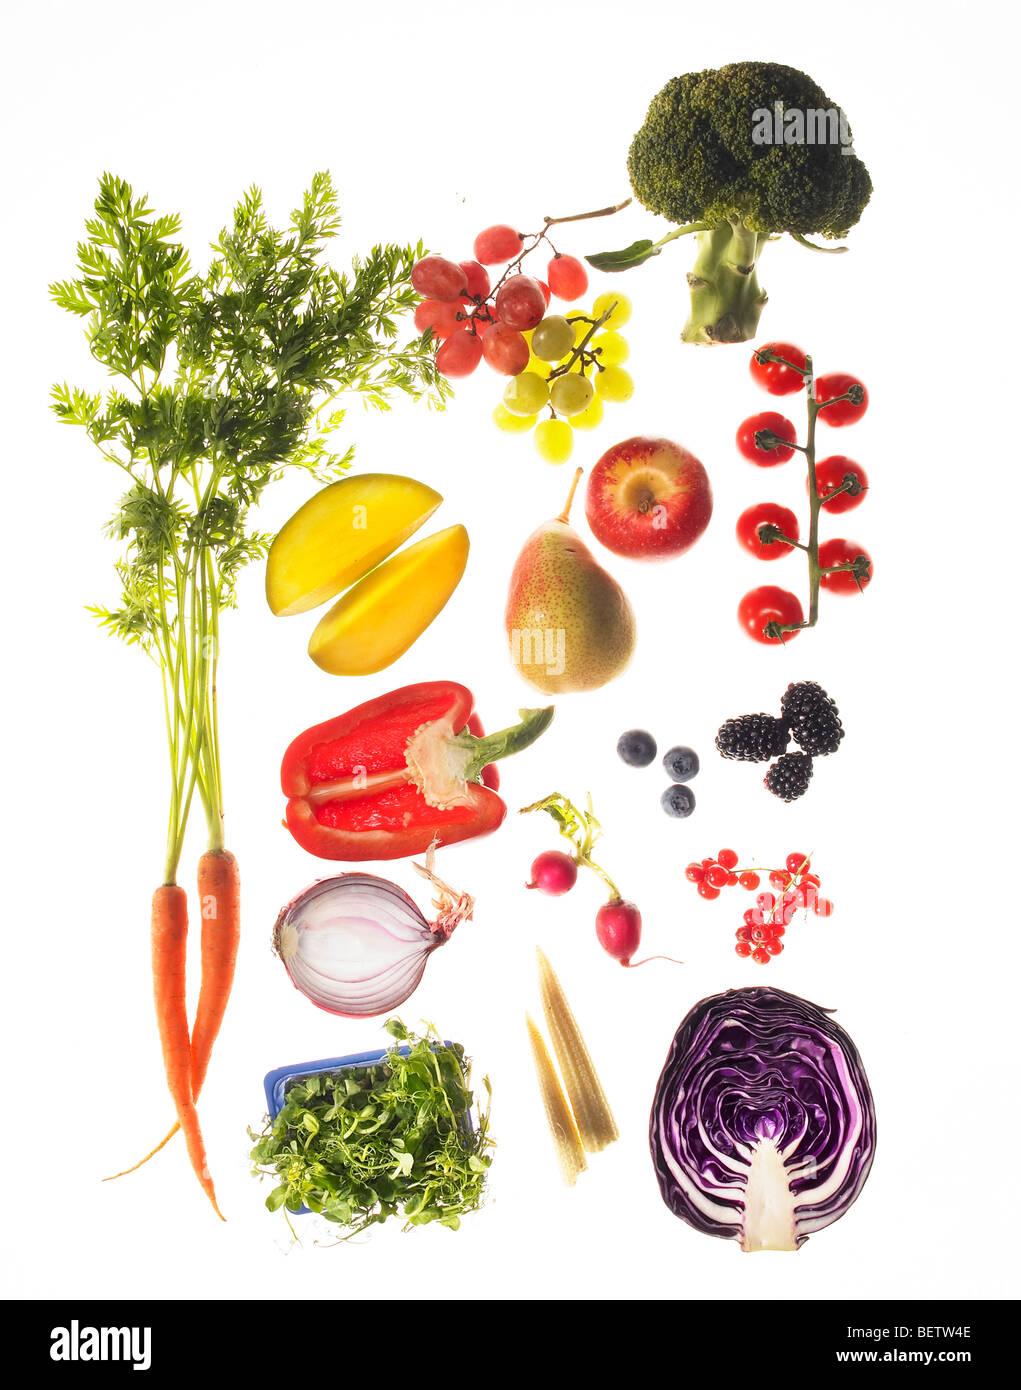 Ingrédients de la salade, d'ajouter de la couleur à une salade. Photo Stock